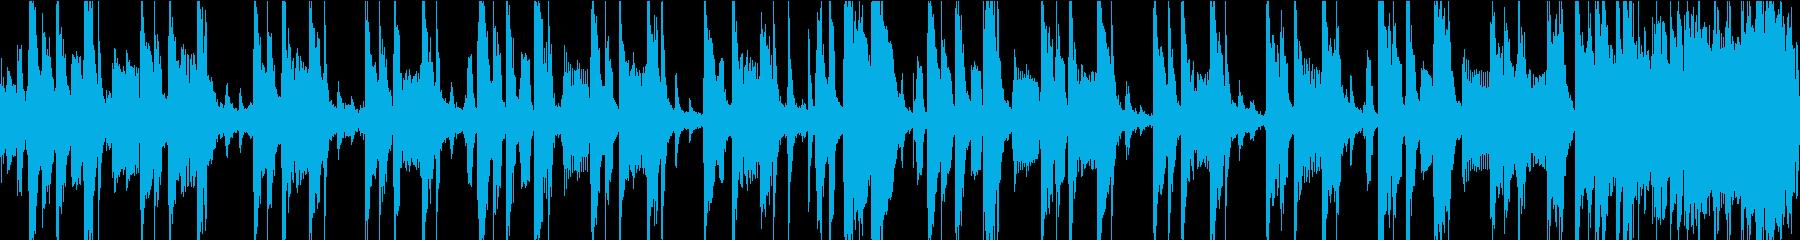 レゲエトラック、伝統的なレゲエリズ...の再生済みの波形